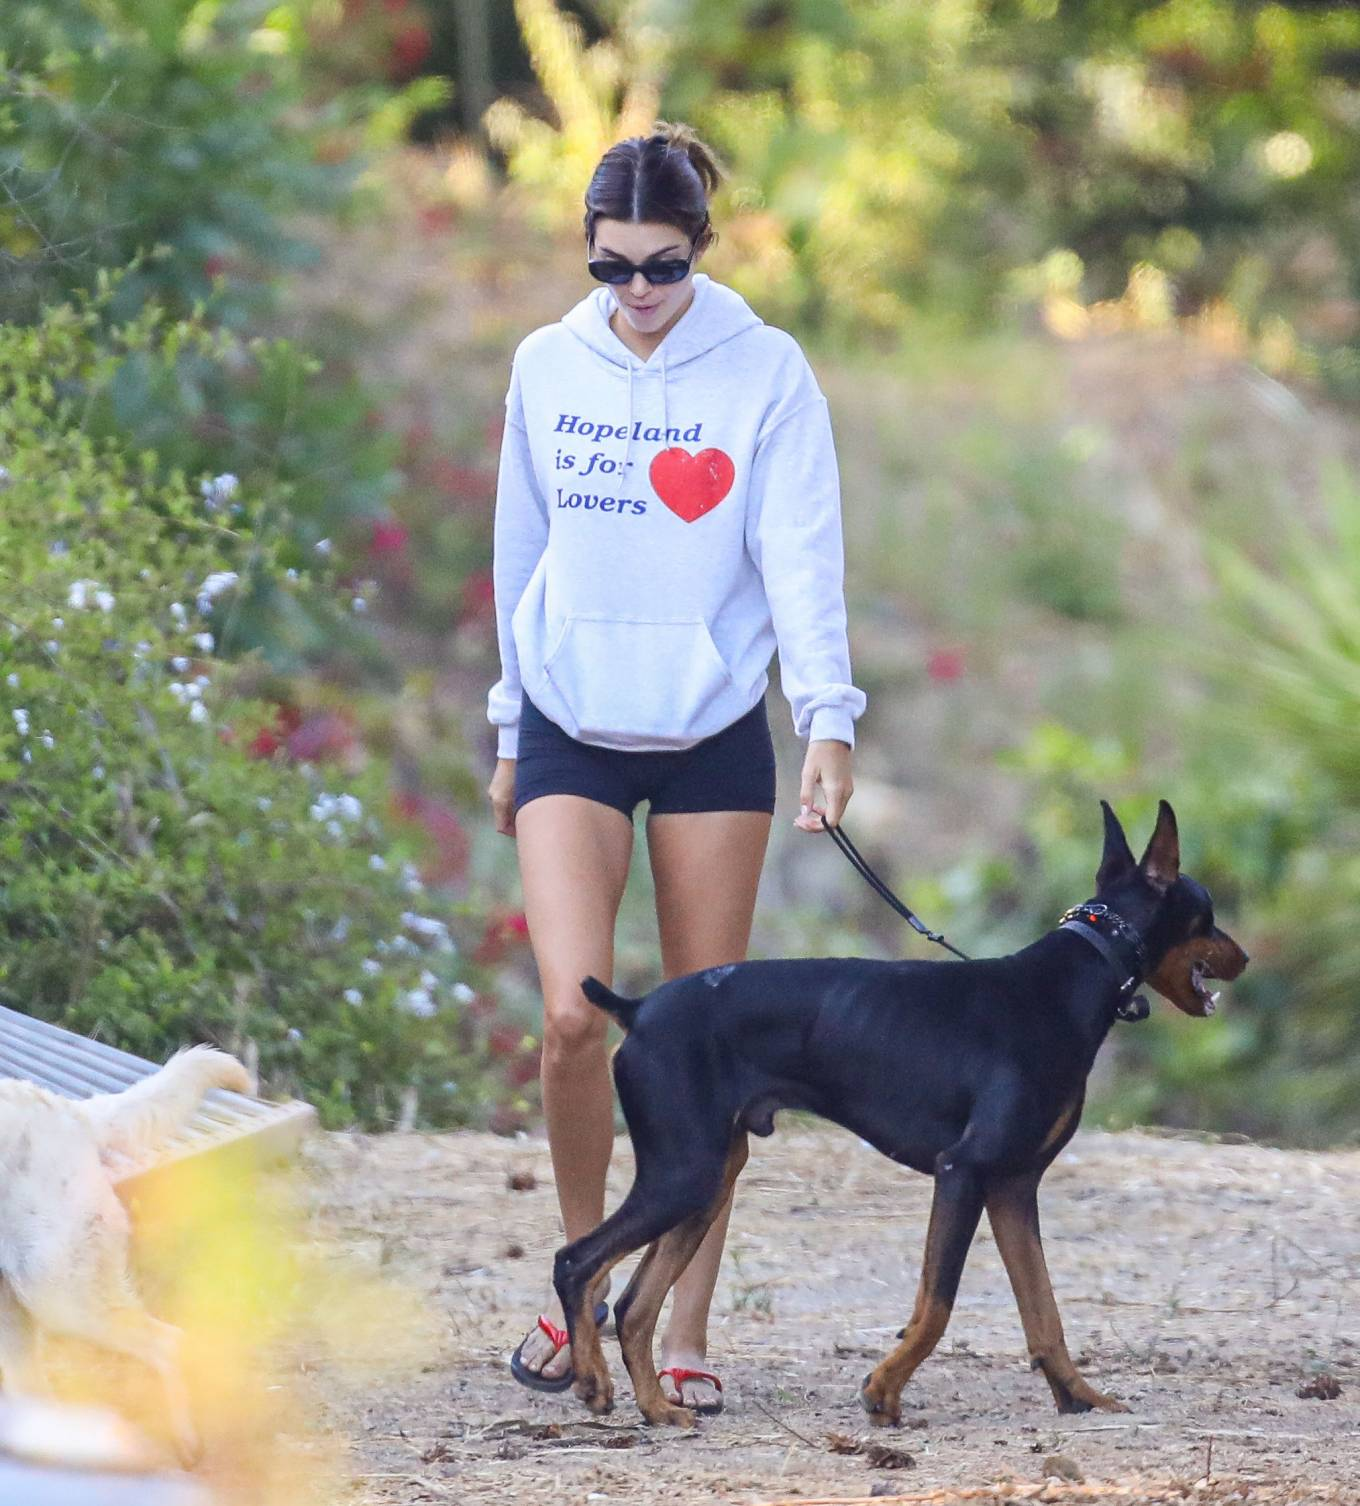 Kendall Jenner - Hiking in Malibu with doberman and dad in Malibu